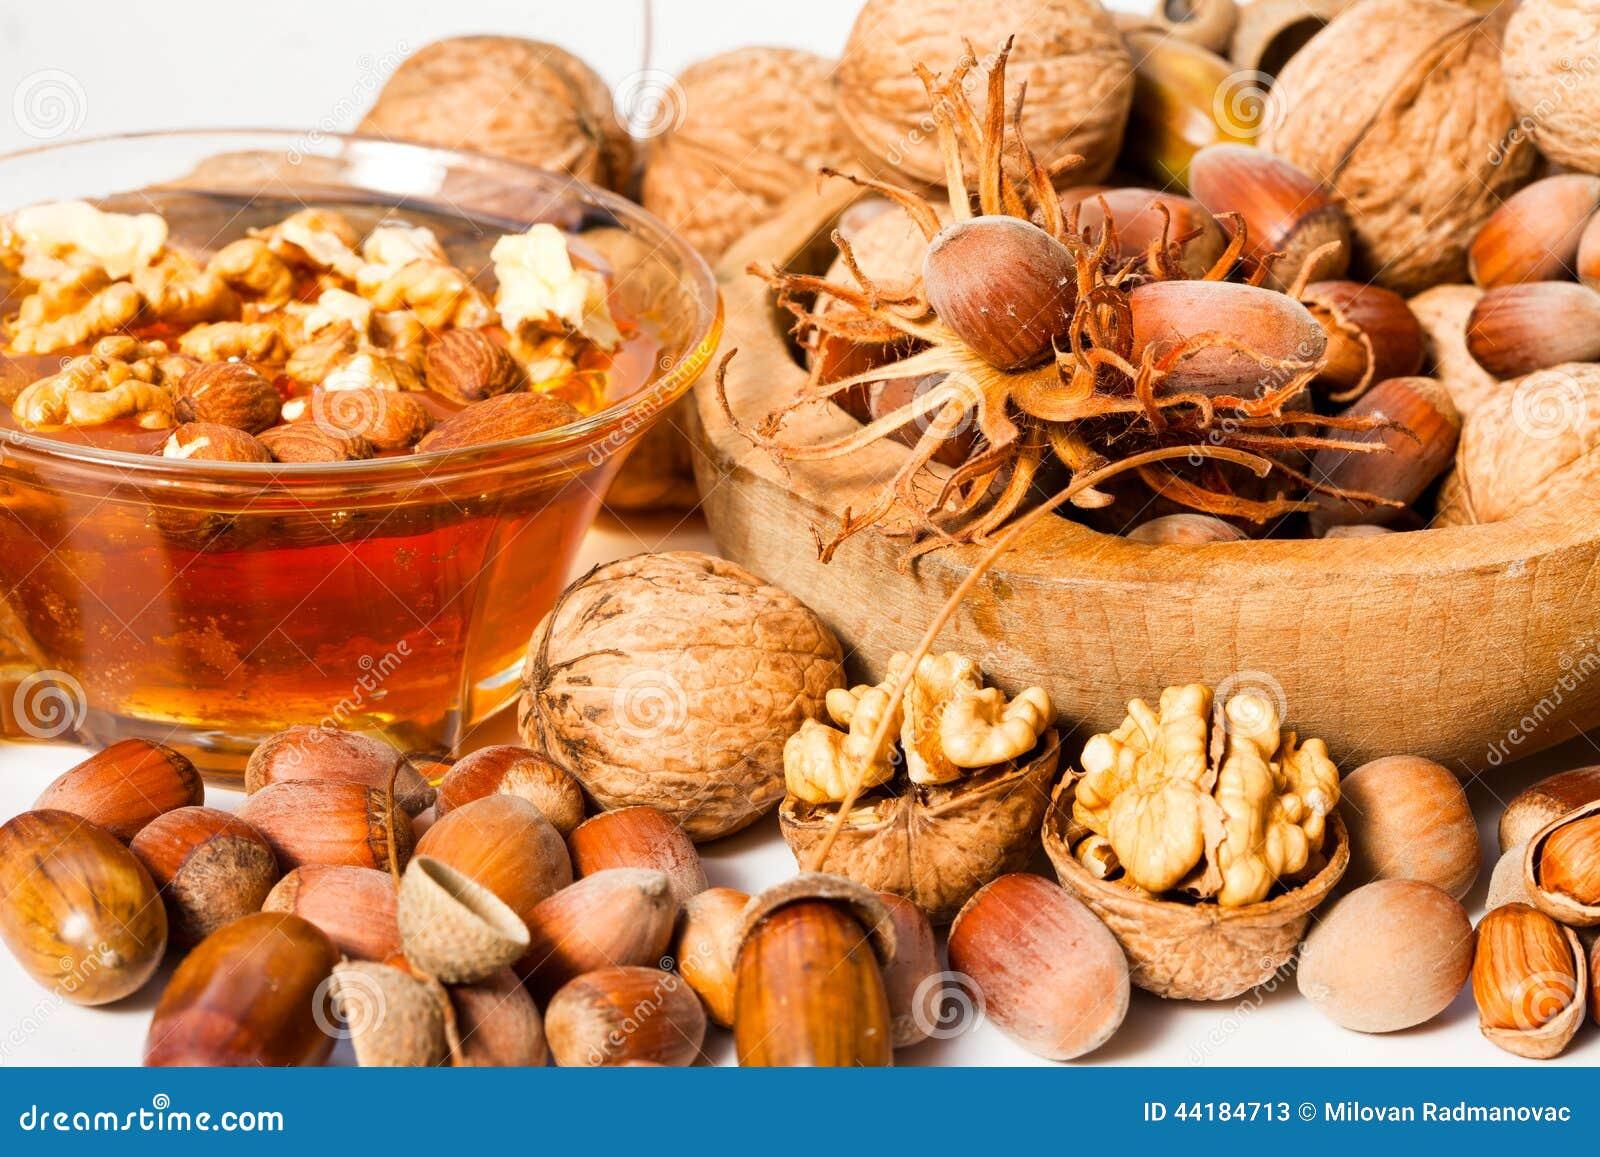 Miel avec des noisettes et des noix